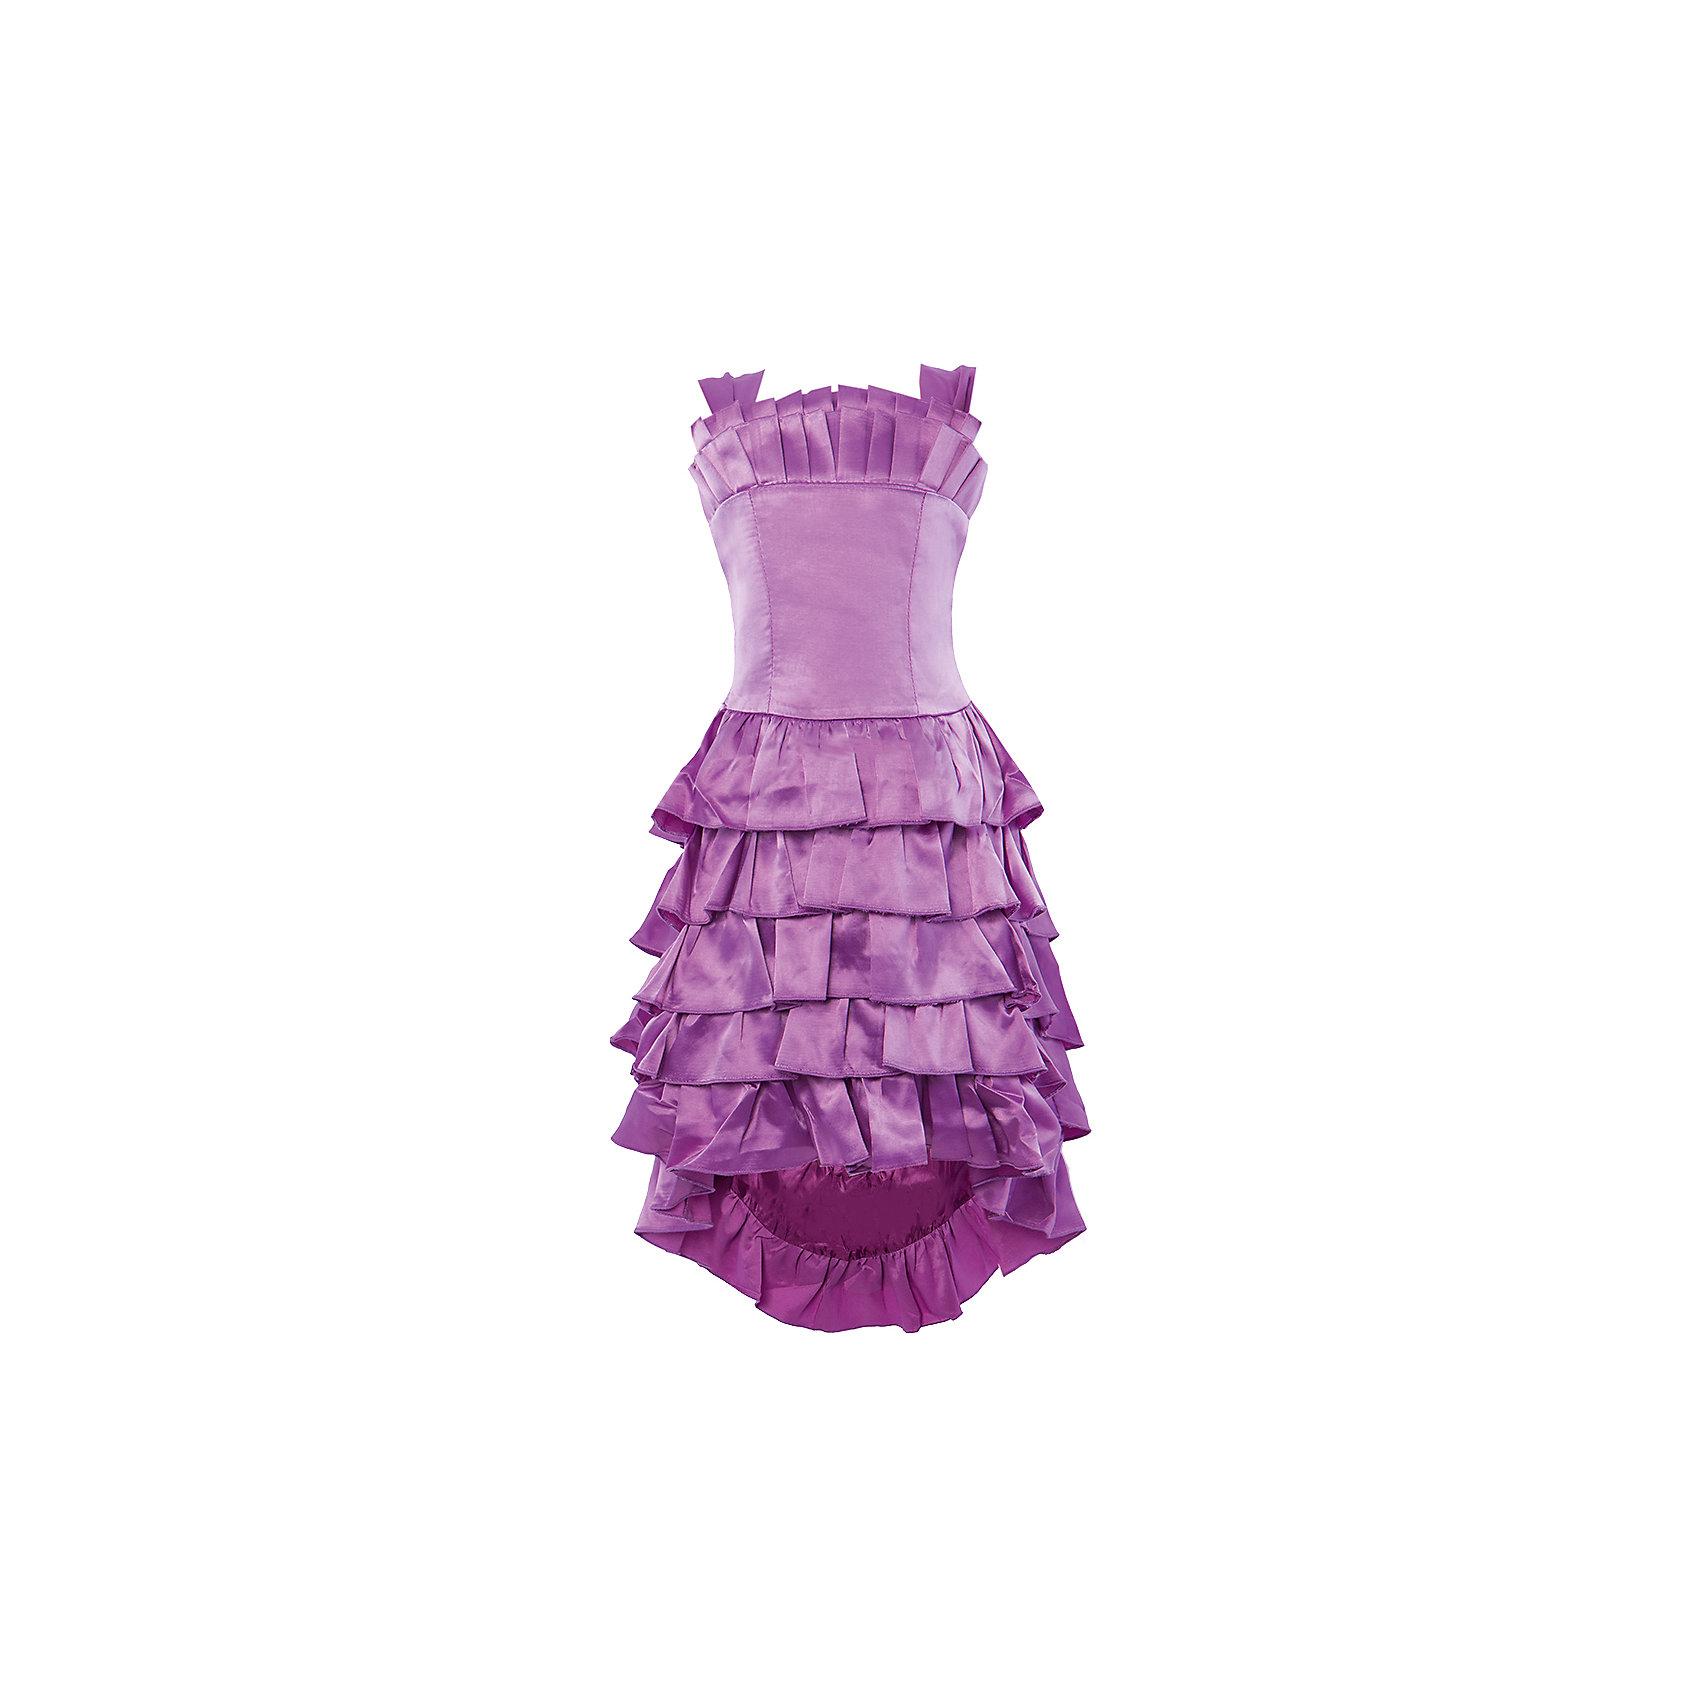 Платье ВенераНарядное платье для девочки со шлейфом. Юбка декорирована оборками.Спинка на резинке, платье подойдет на любую фигуру ребенка.<br><br>Ширина мм: 236<br>Глубина мм: 16<br>Высота мм: 184<br>Вес г: 177<br>Цвет: малиновый<br>Возраст от месяцев: 48<br>Возраст до месяцев: 60<br>Пол: Женский<br>Возраст: Детский<br>Размер: 104/110,110/116,98/104,116/122<br>SKU: 4388993